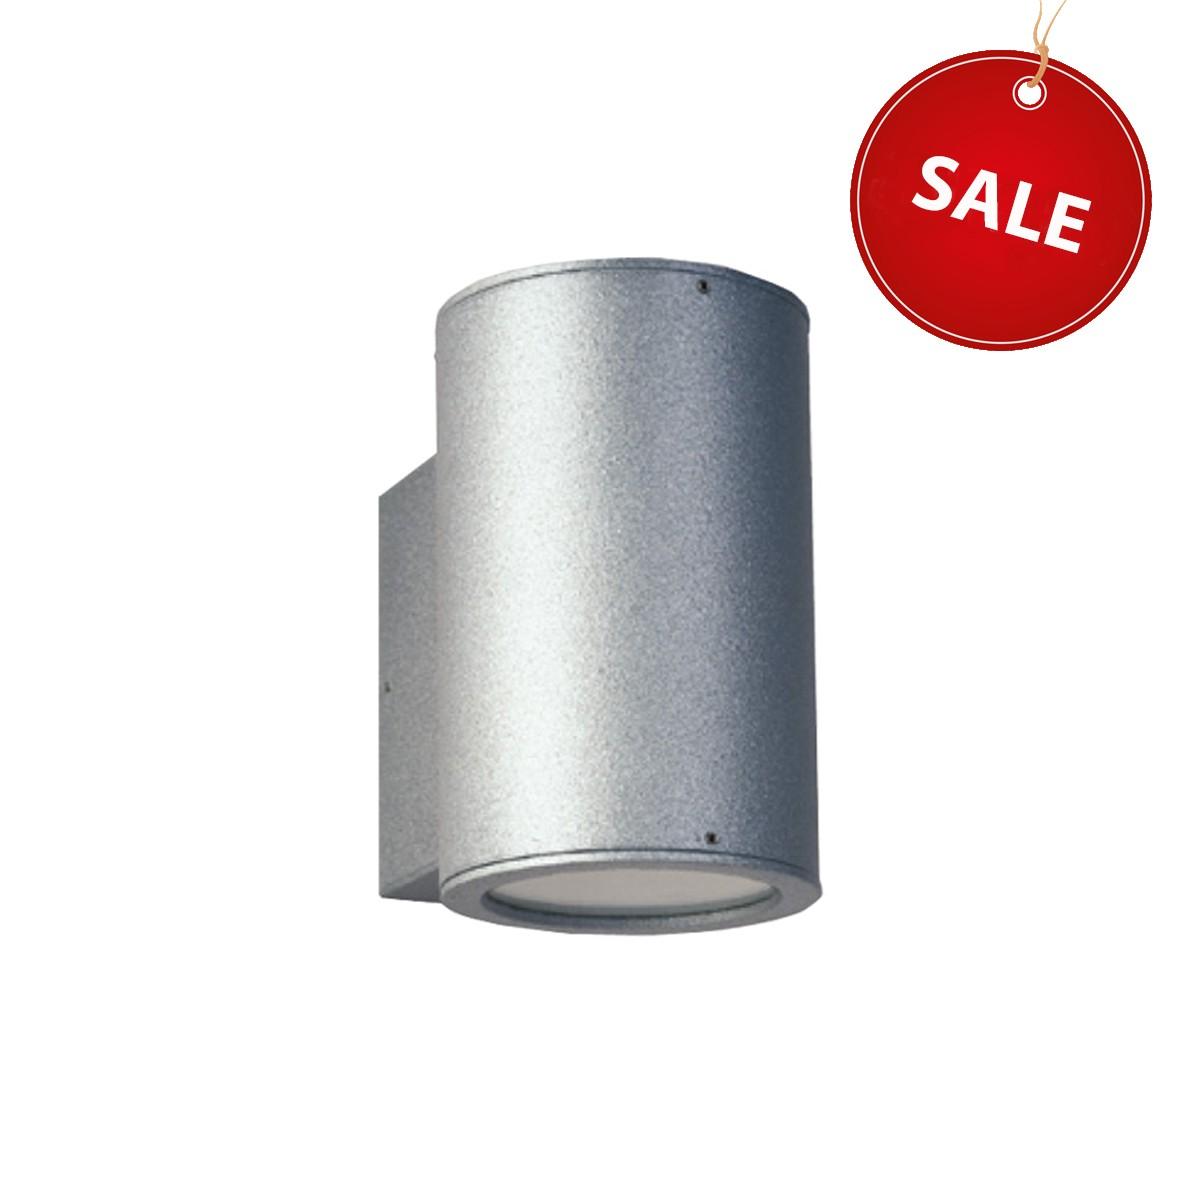 Albert 2124 Außenwandstrahler %Sale%, Silber